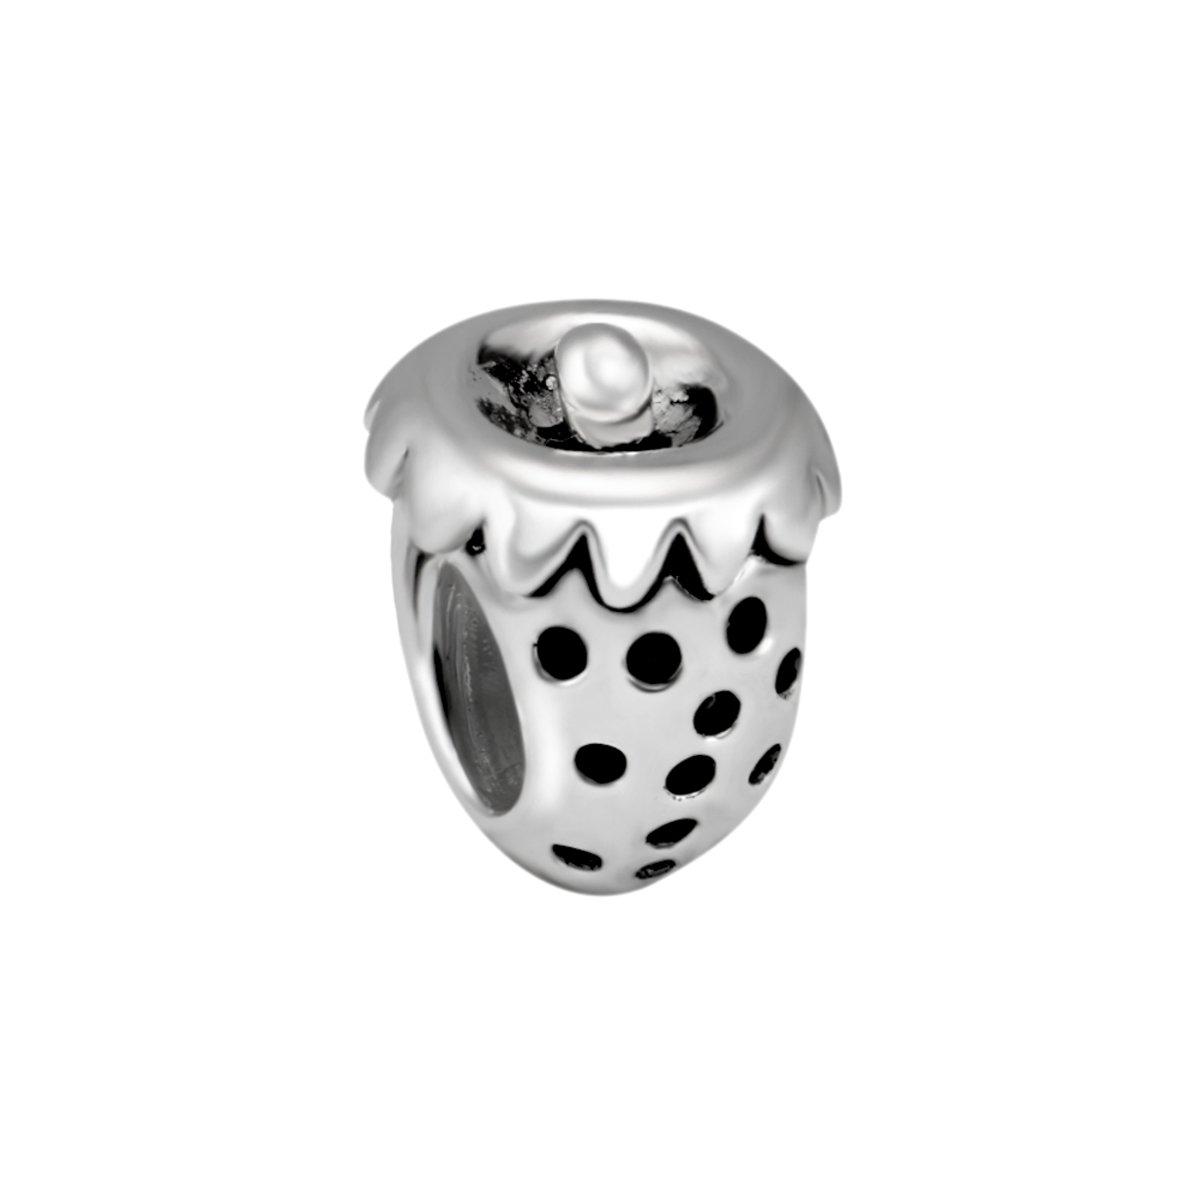 Quiges Bedel Bead - 925 Zilver - Aardbei Kraal Charm - Z176 kopen